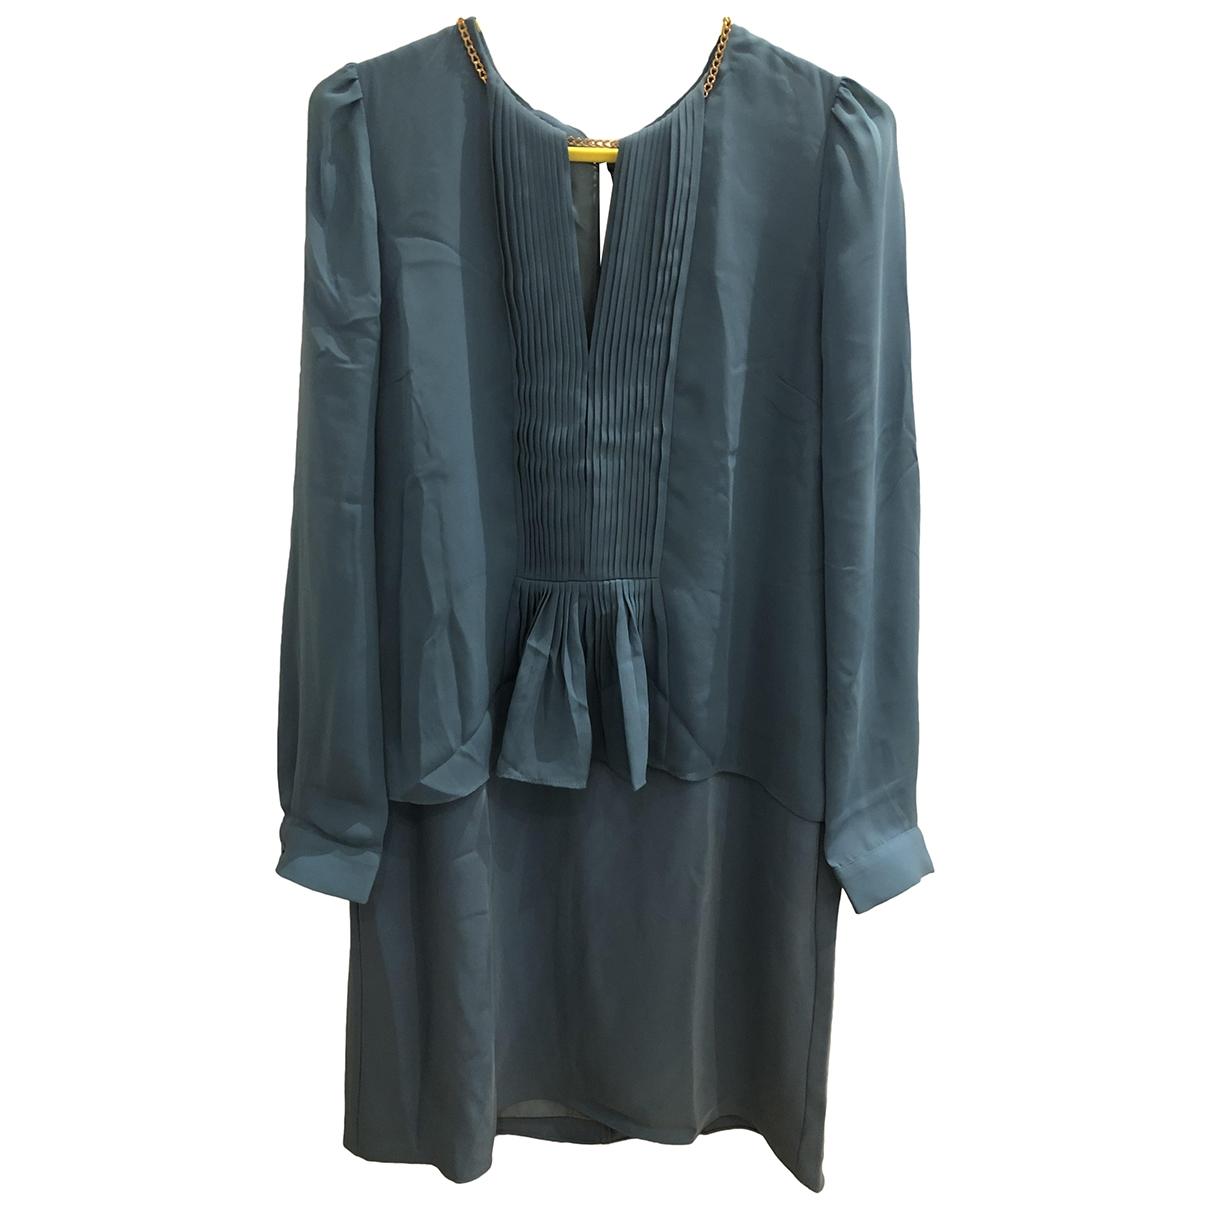 Reiss \N Turquoise dress for Women 12 UK